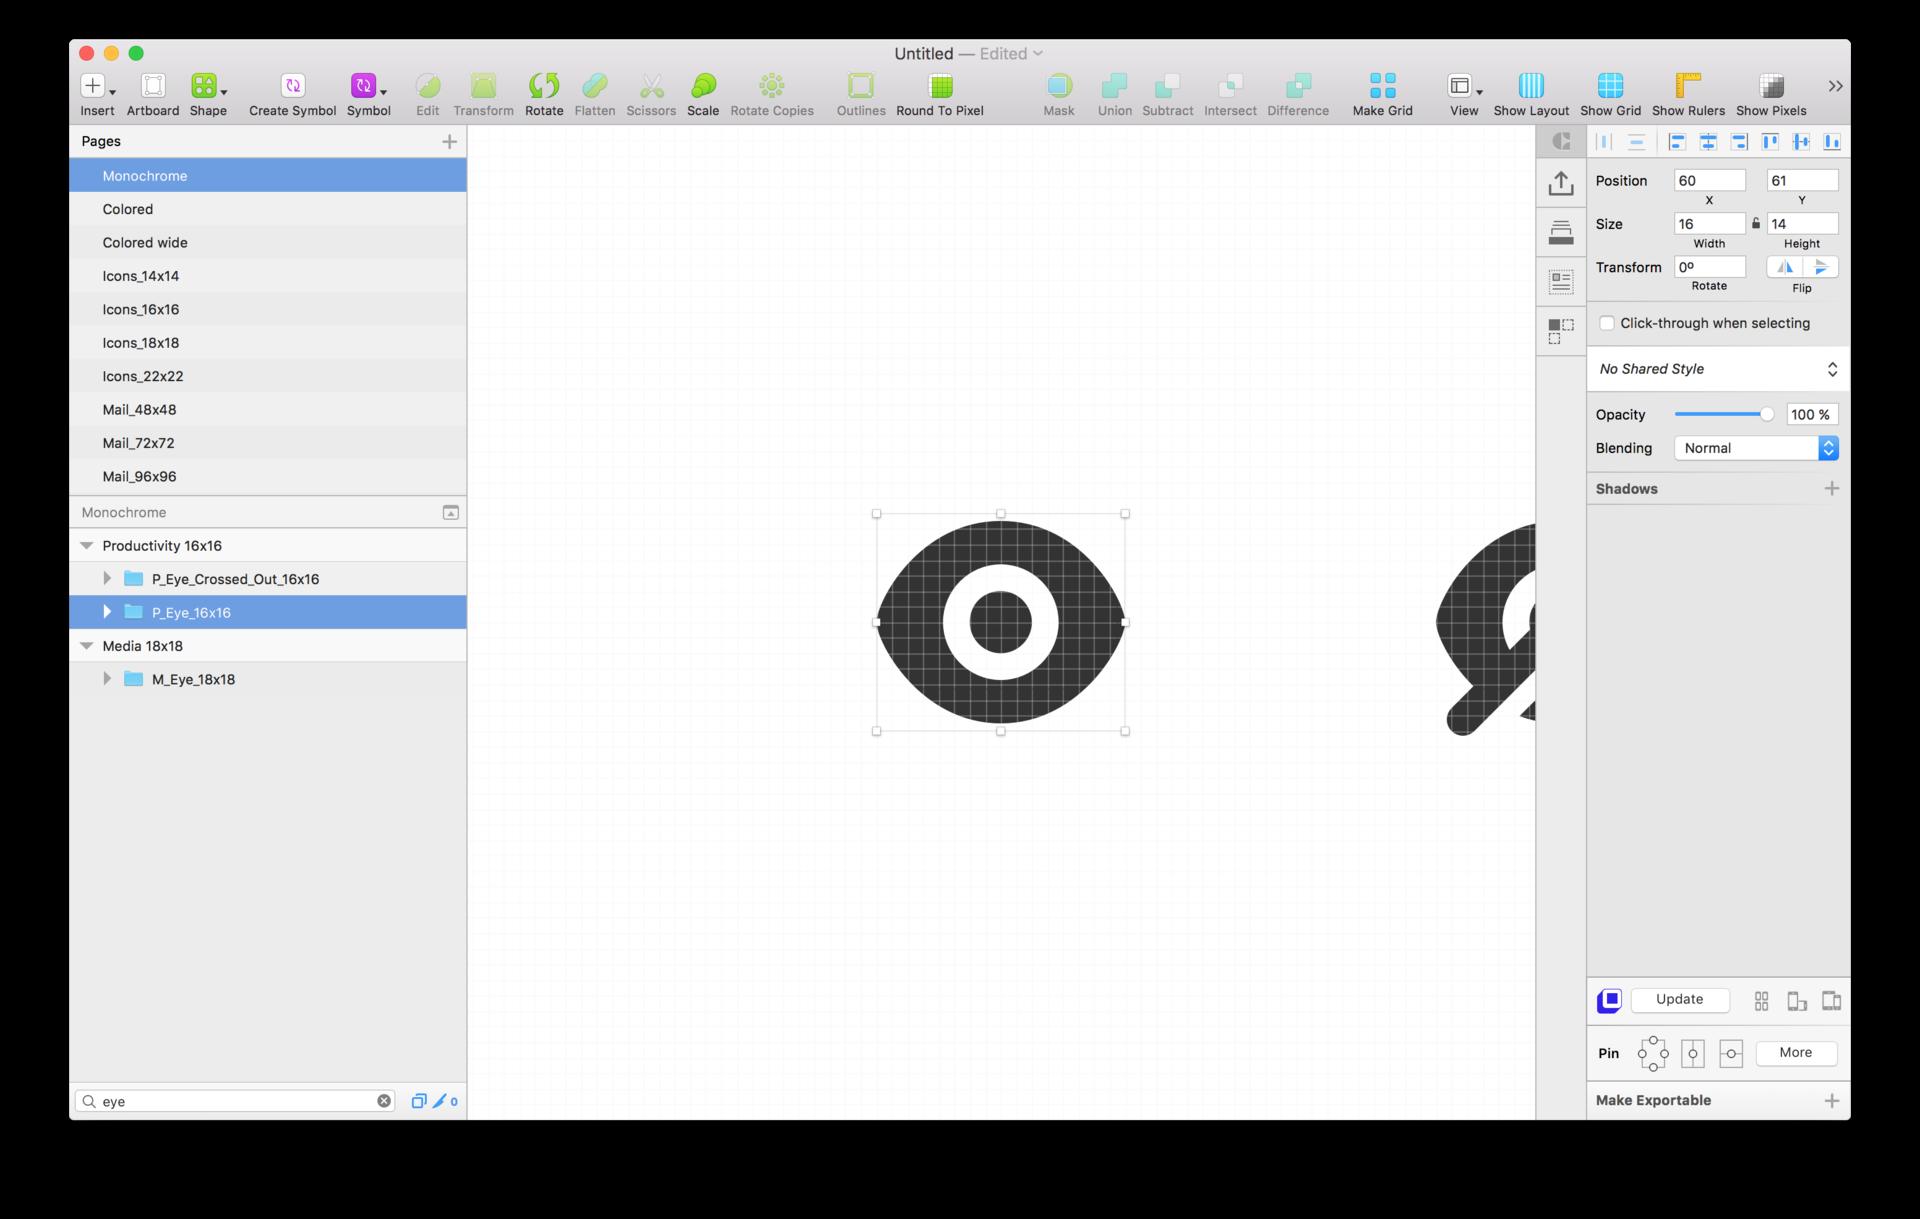 Оптимизация работы портальной дизайн-команды с помощью Sketch и облака